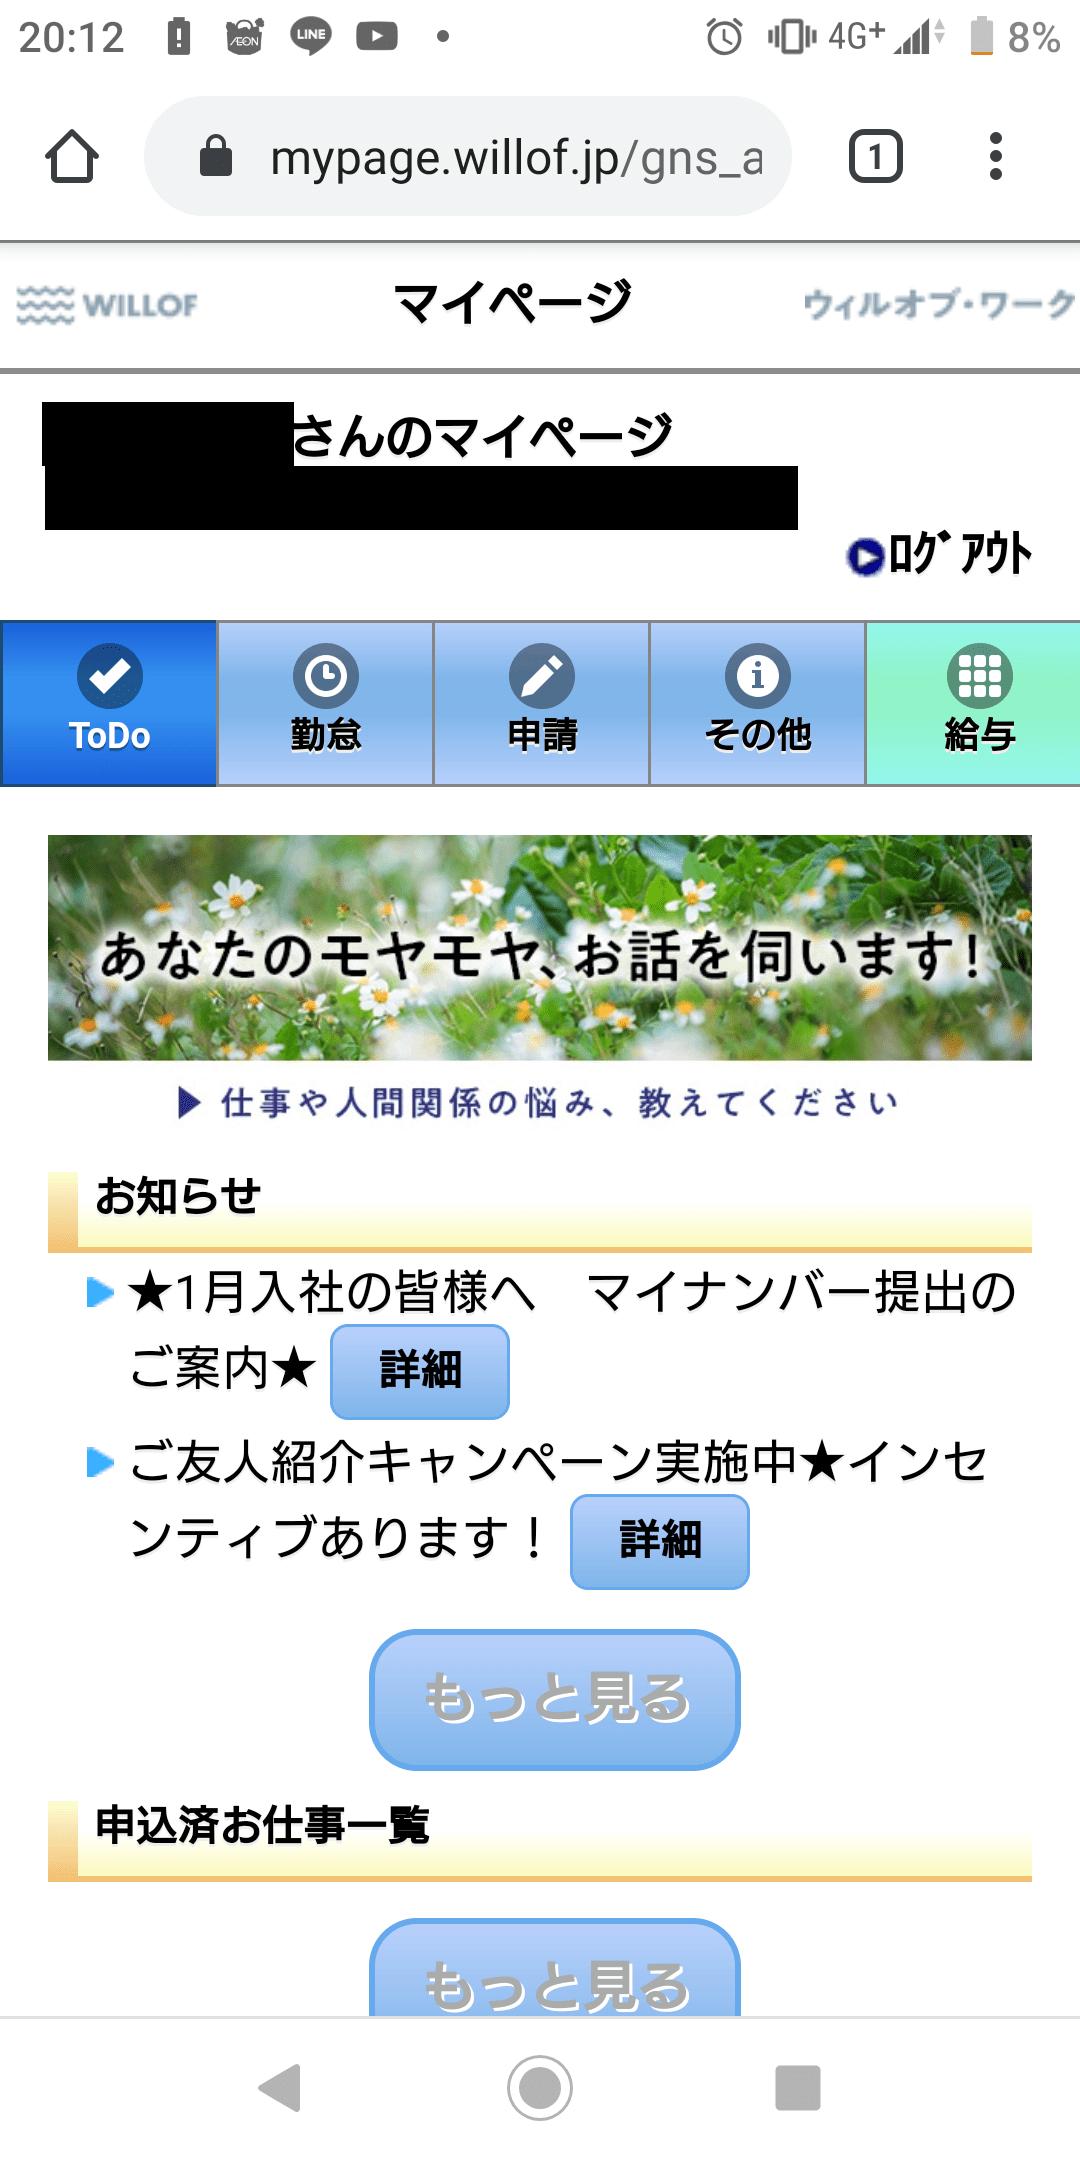 株式会社ウィルオブ・ワーク 新潟オフィス